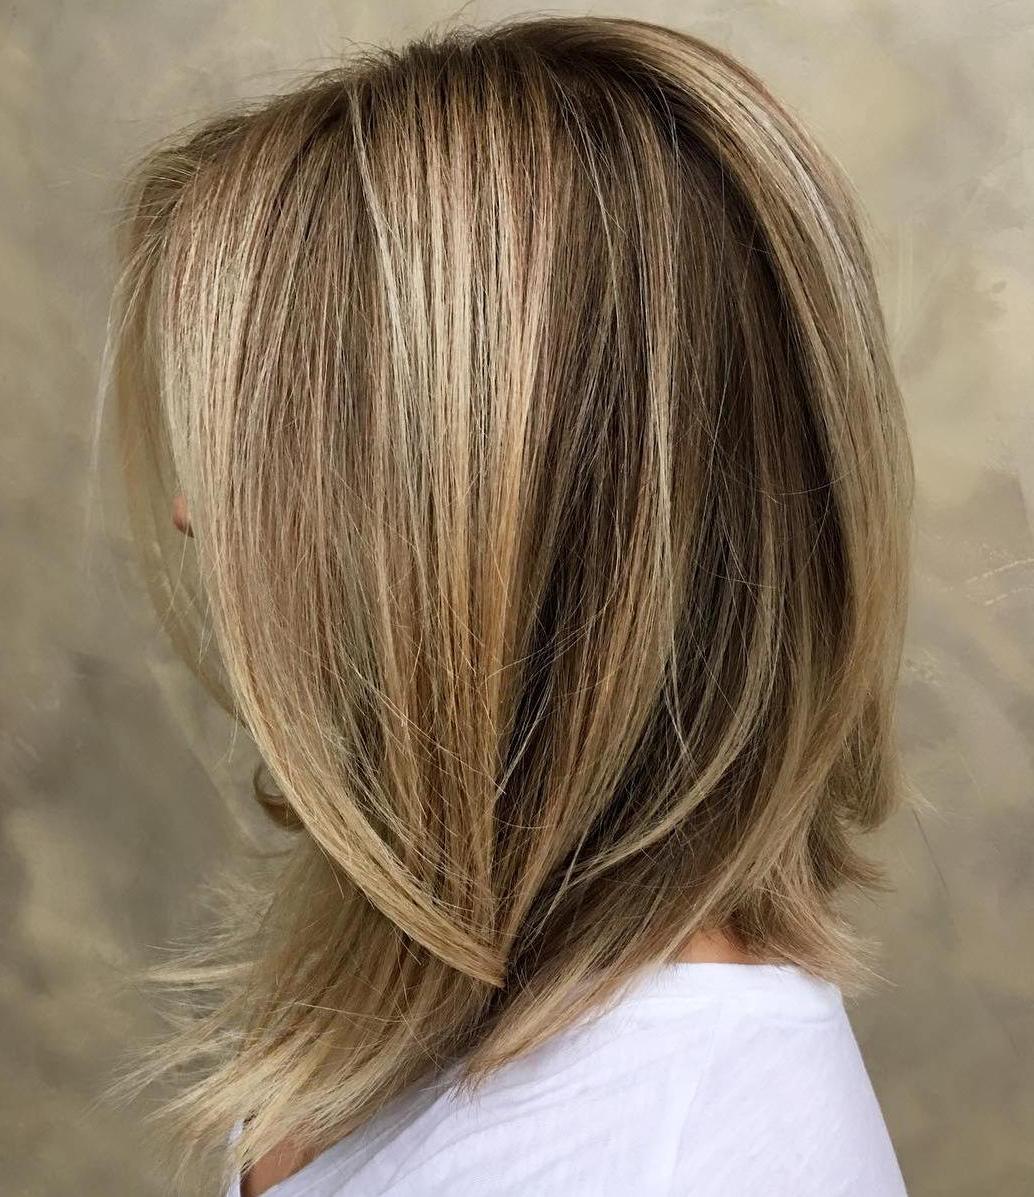 60 Inspiring Long Bob Hairstyles And Long Bob Haircuts For 2019 Regarding Simple And Stylish Bob Haircuts (View 15 of 20)